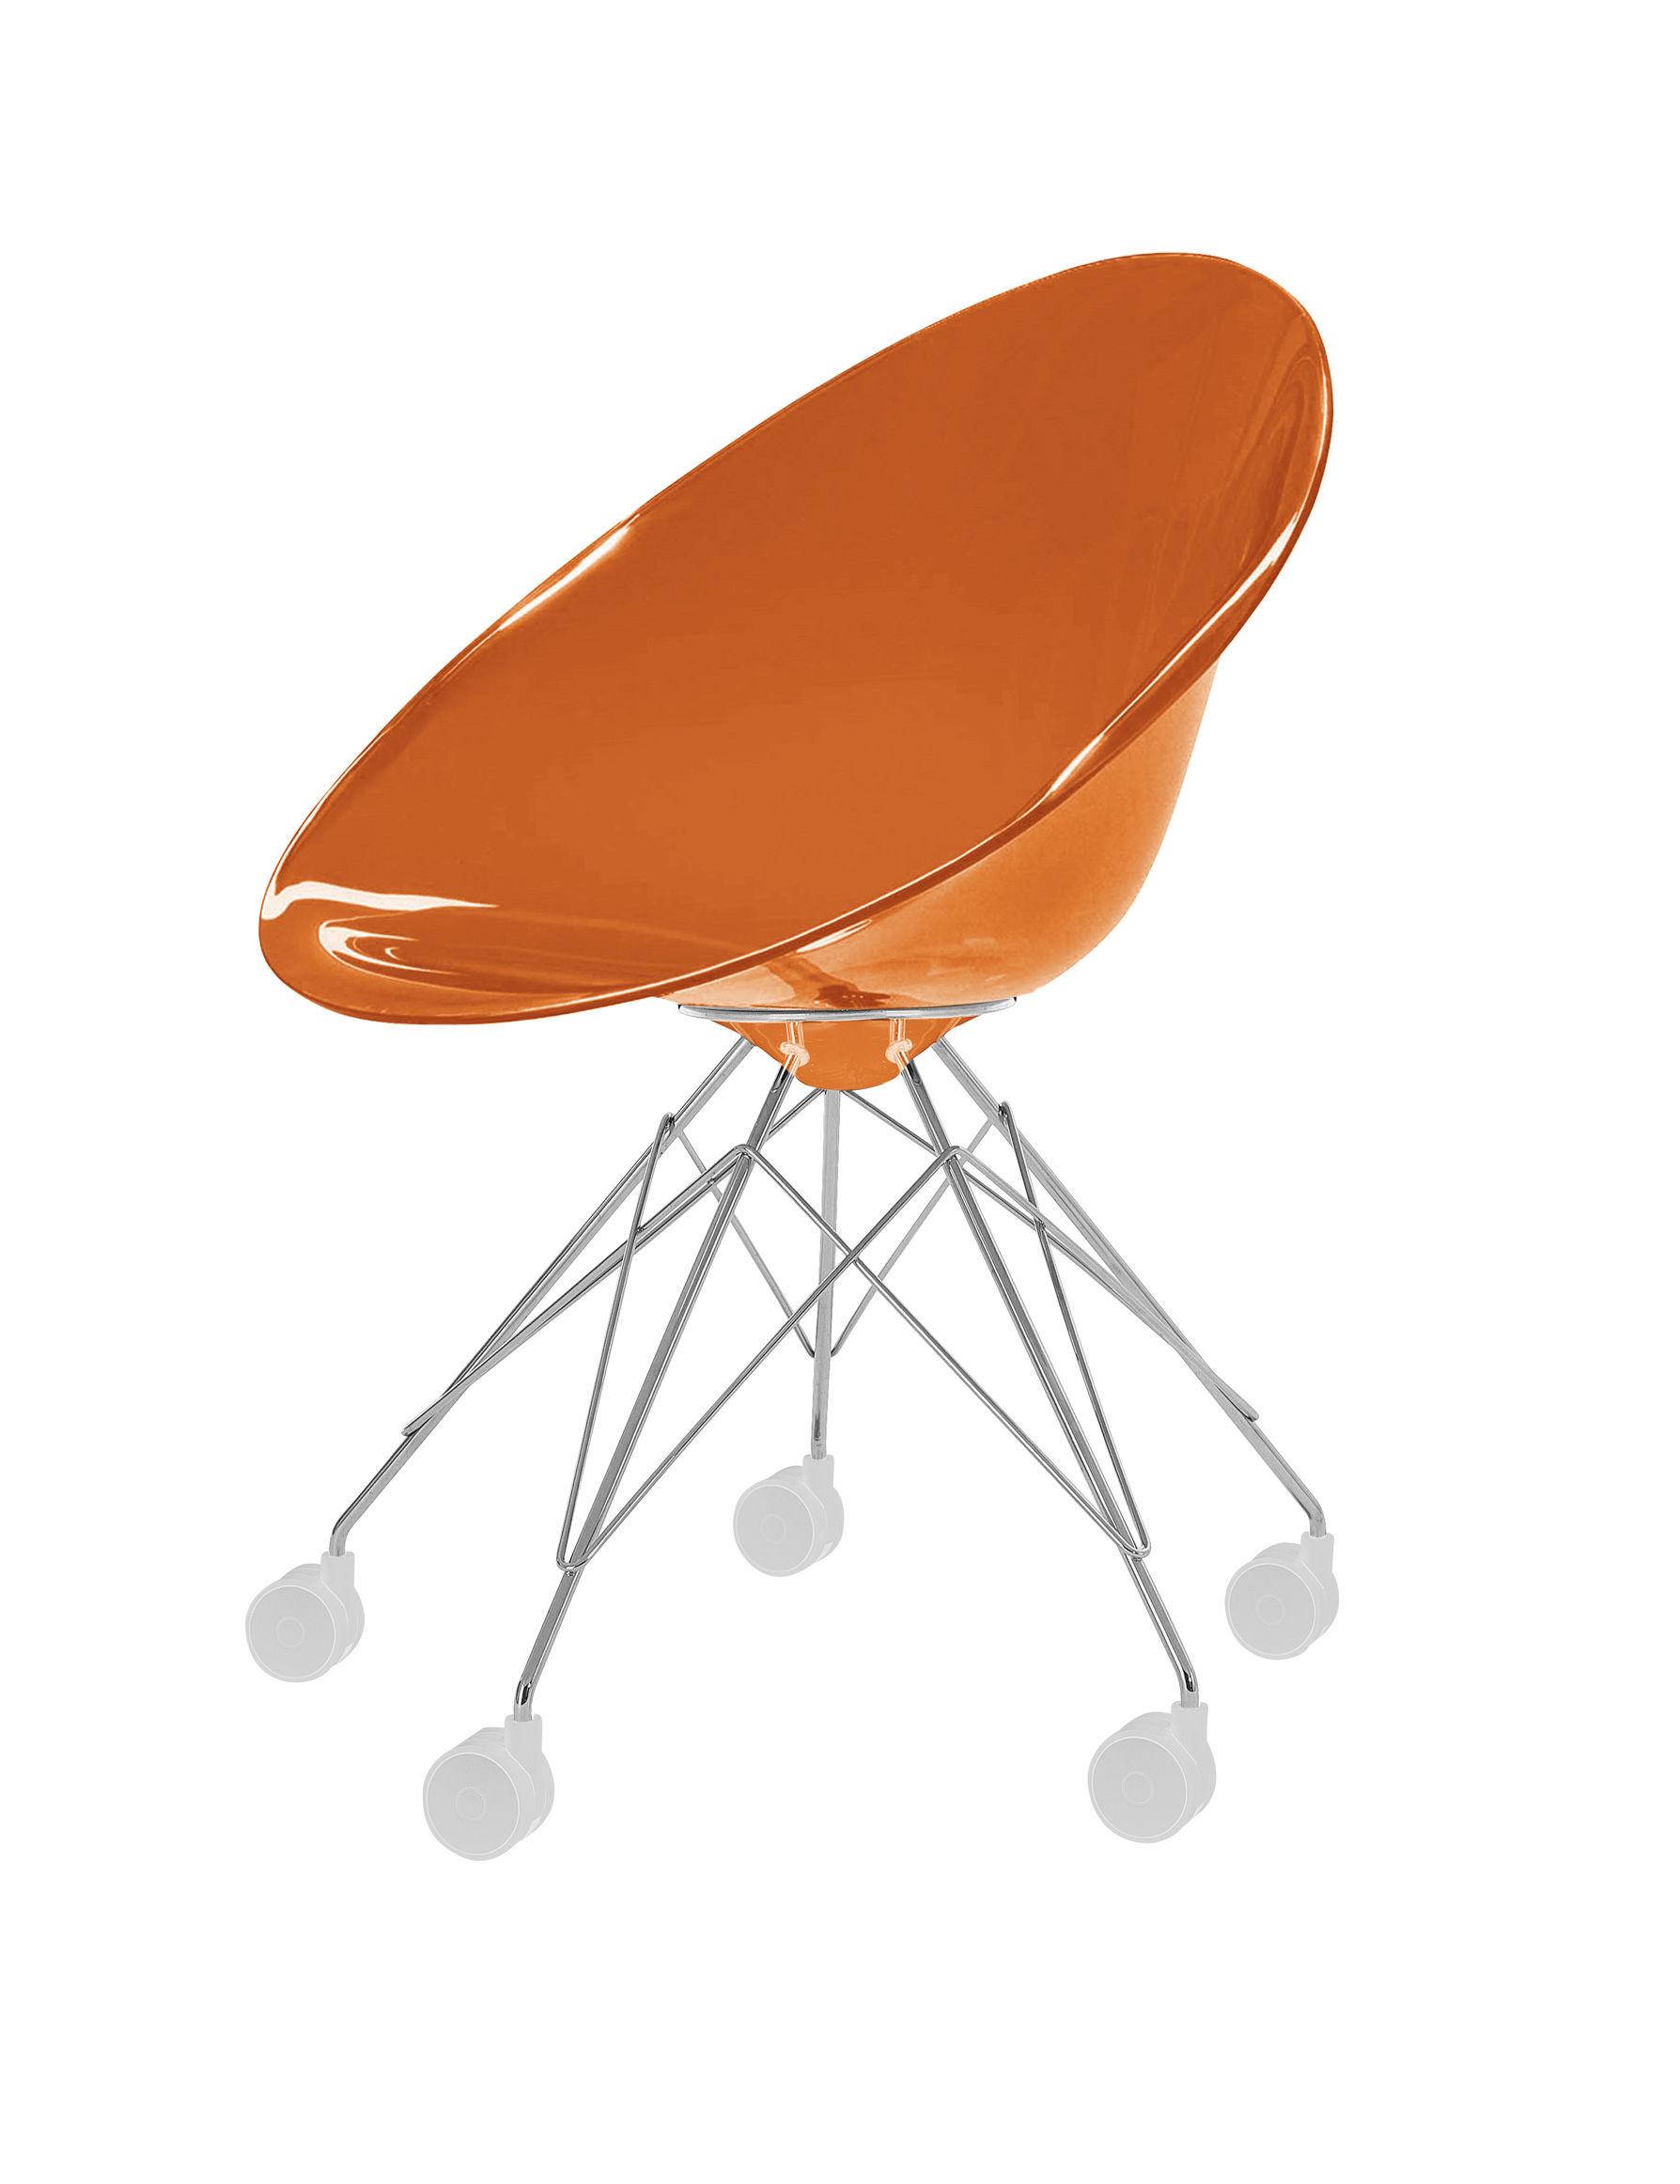 fauteuil roulettes ero s en polycarbonate orange transparent kartell. Black Bedroom Furniture Sets. Home Design Ideas